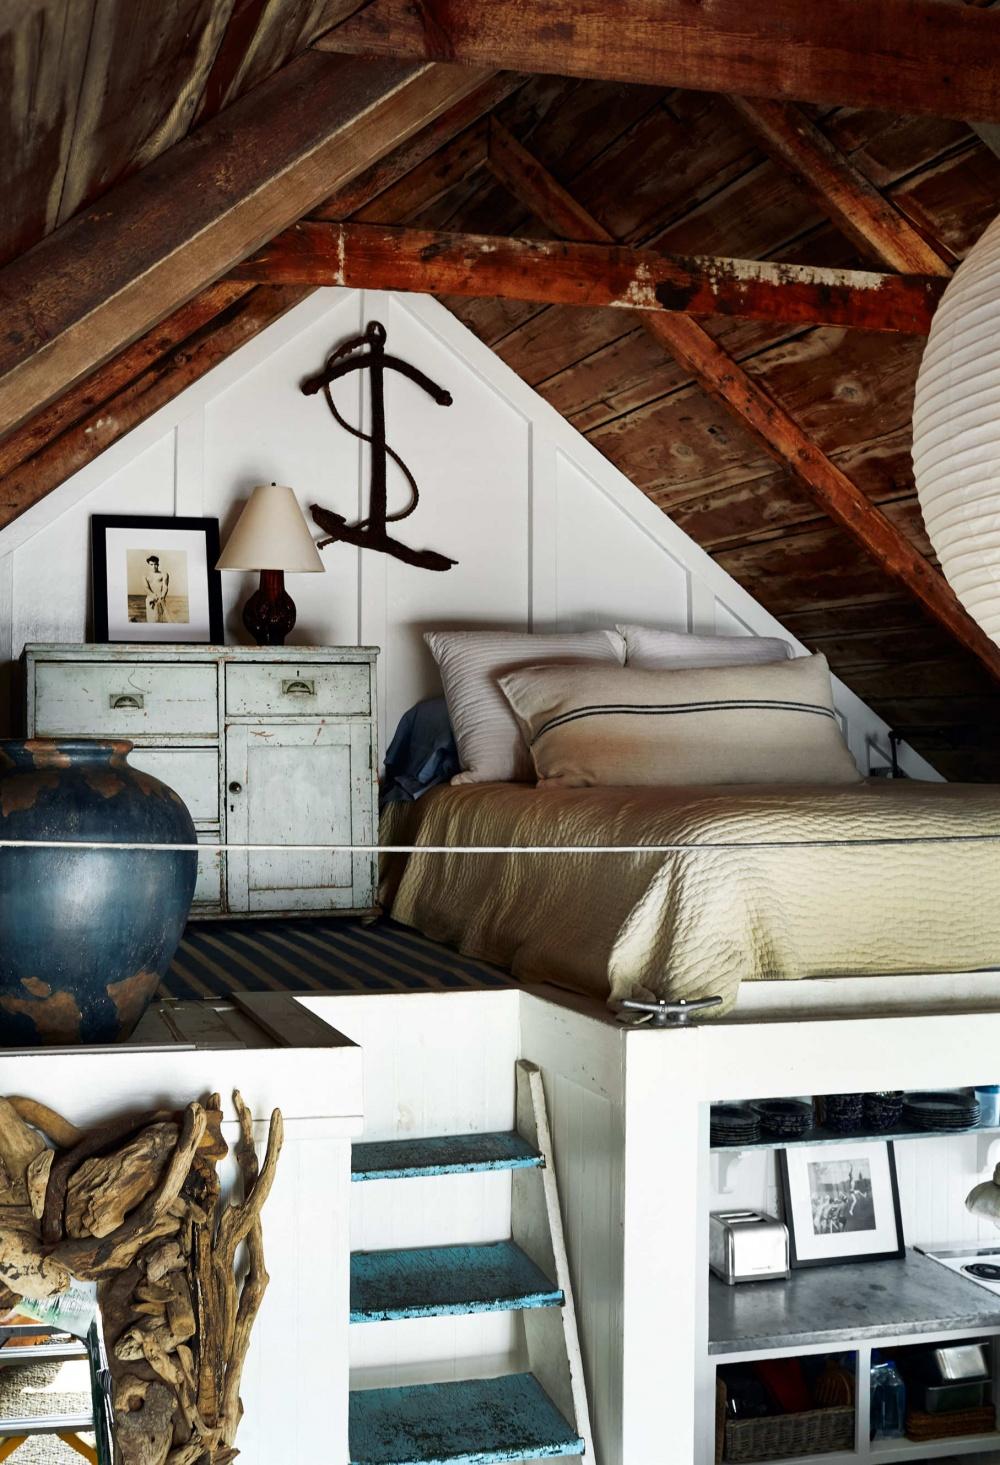 Ремонт очень простой— стены ирамы окрашены белым, полы очищены отстарой краски иотшлифованы